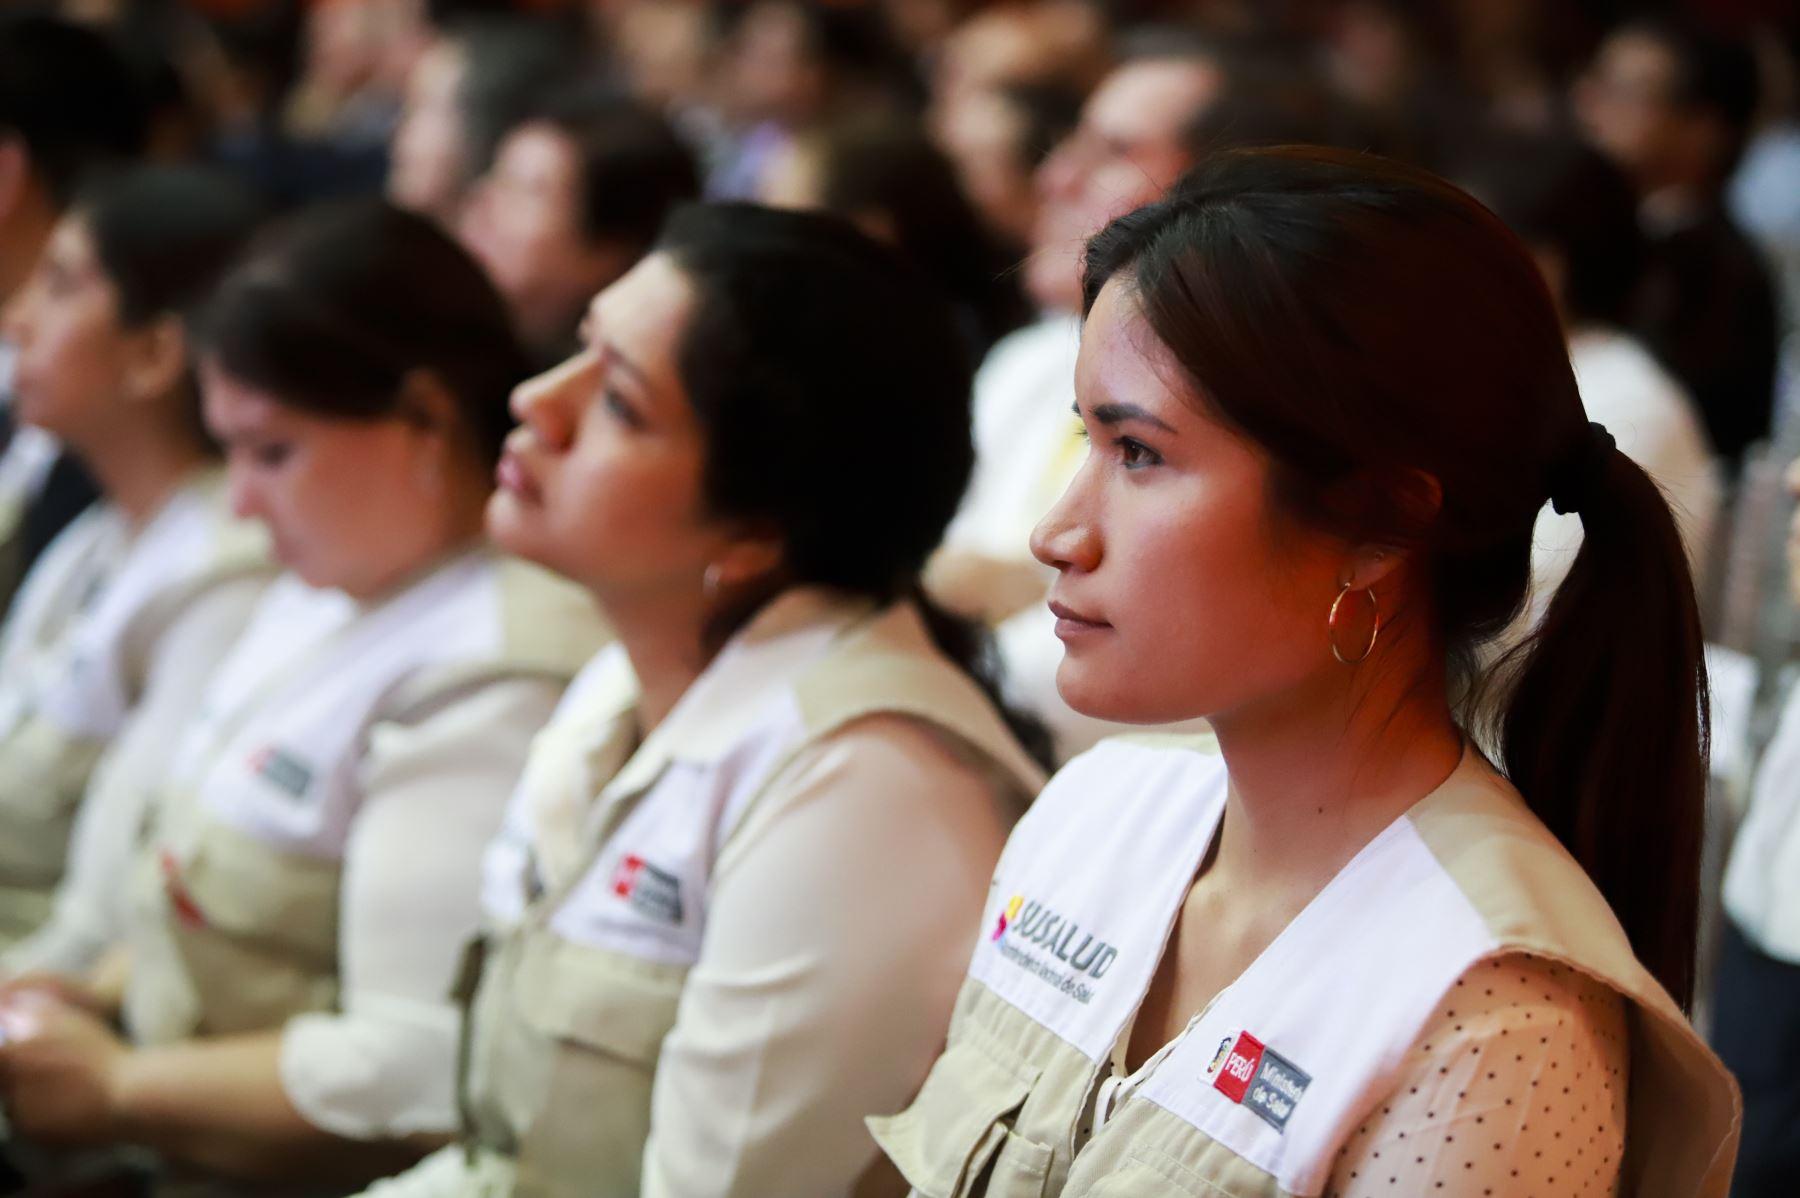 Presidente de la República, Martín Vizcarra Cornejo, junto a la ministra de Salud, Elizabeth Hinostroza Pereyra, presentan  la Cobertura Universal de Salud (CUS) para toda la población peruana. Foto: ANDINA/ Prensa Presidencia